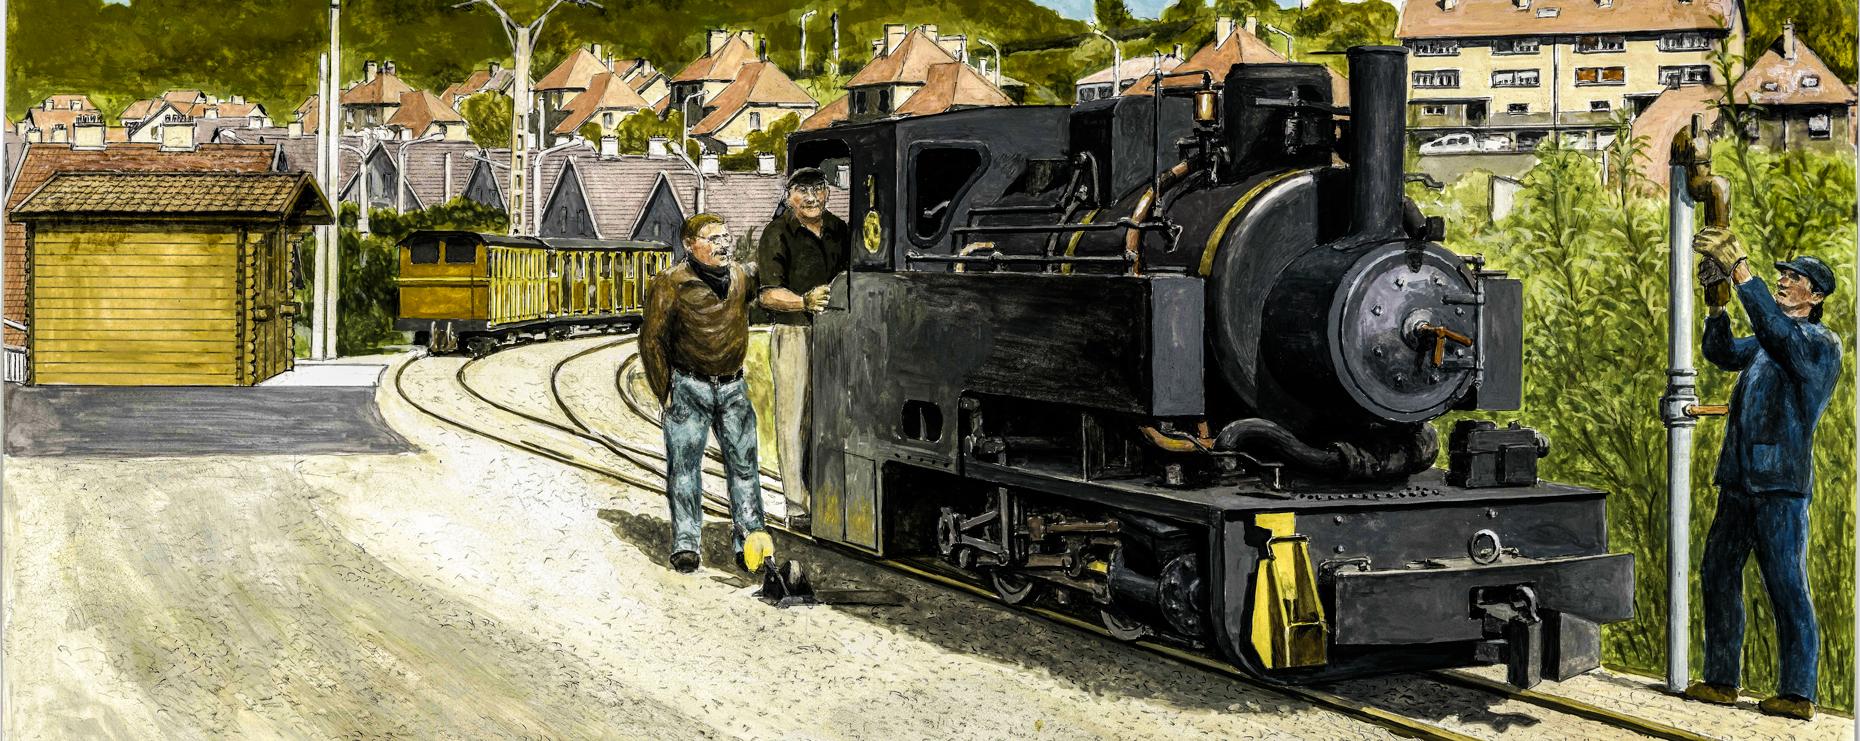 Train Minier reprise le Dimanche 6 Août